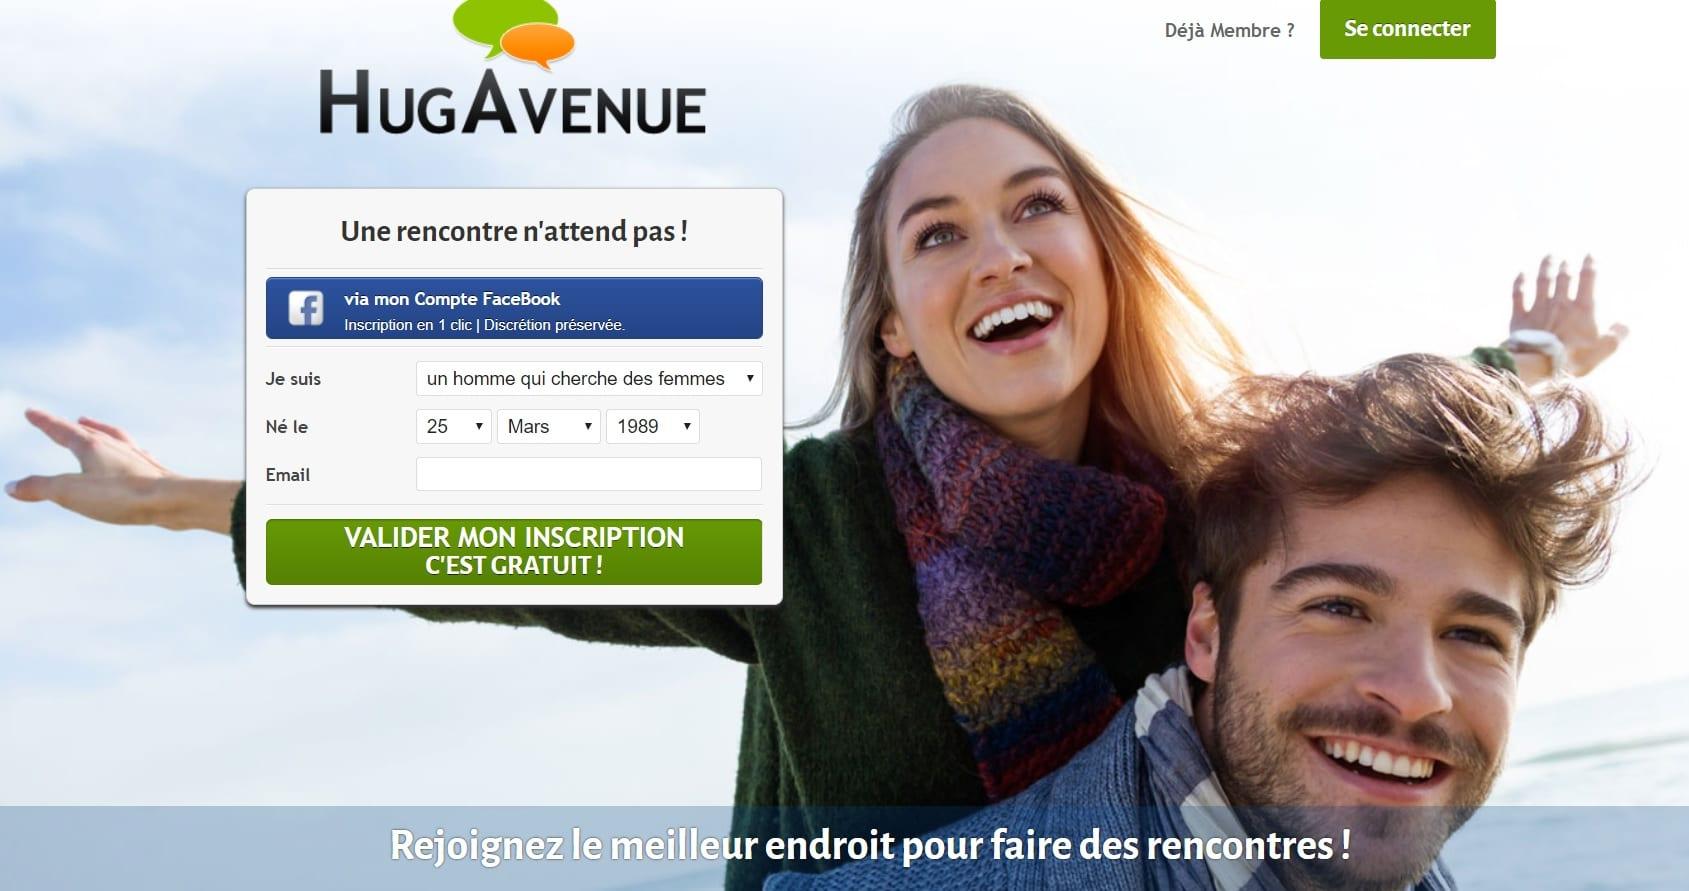 Les applications et les sites de rencontre les plus romantiques - lespaysansontdelavenir.fr